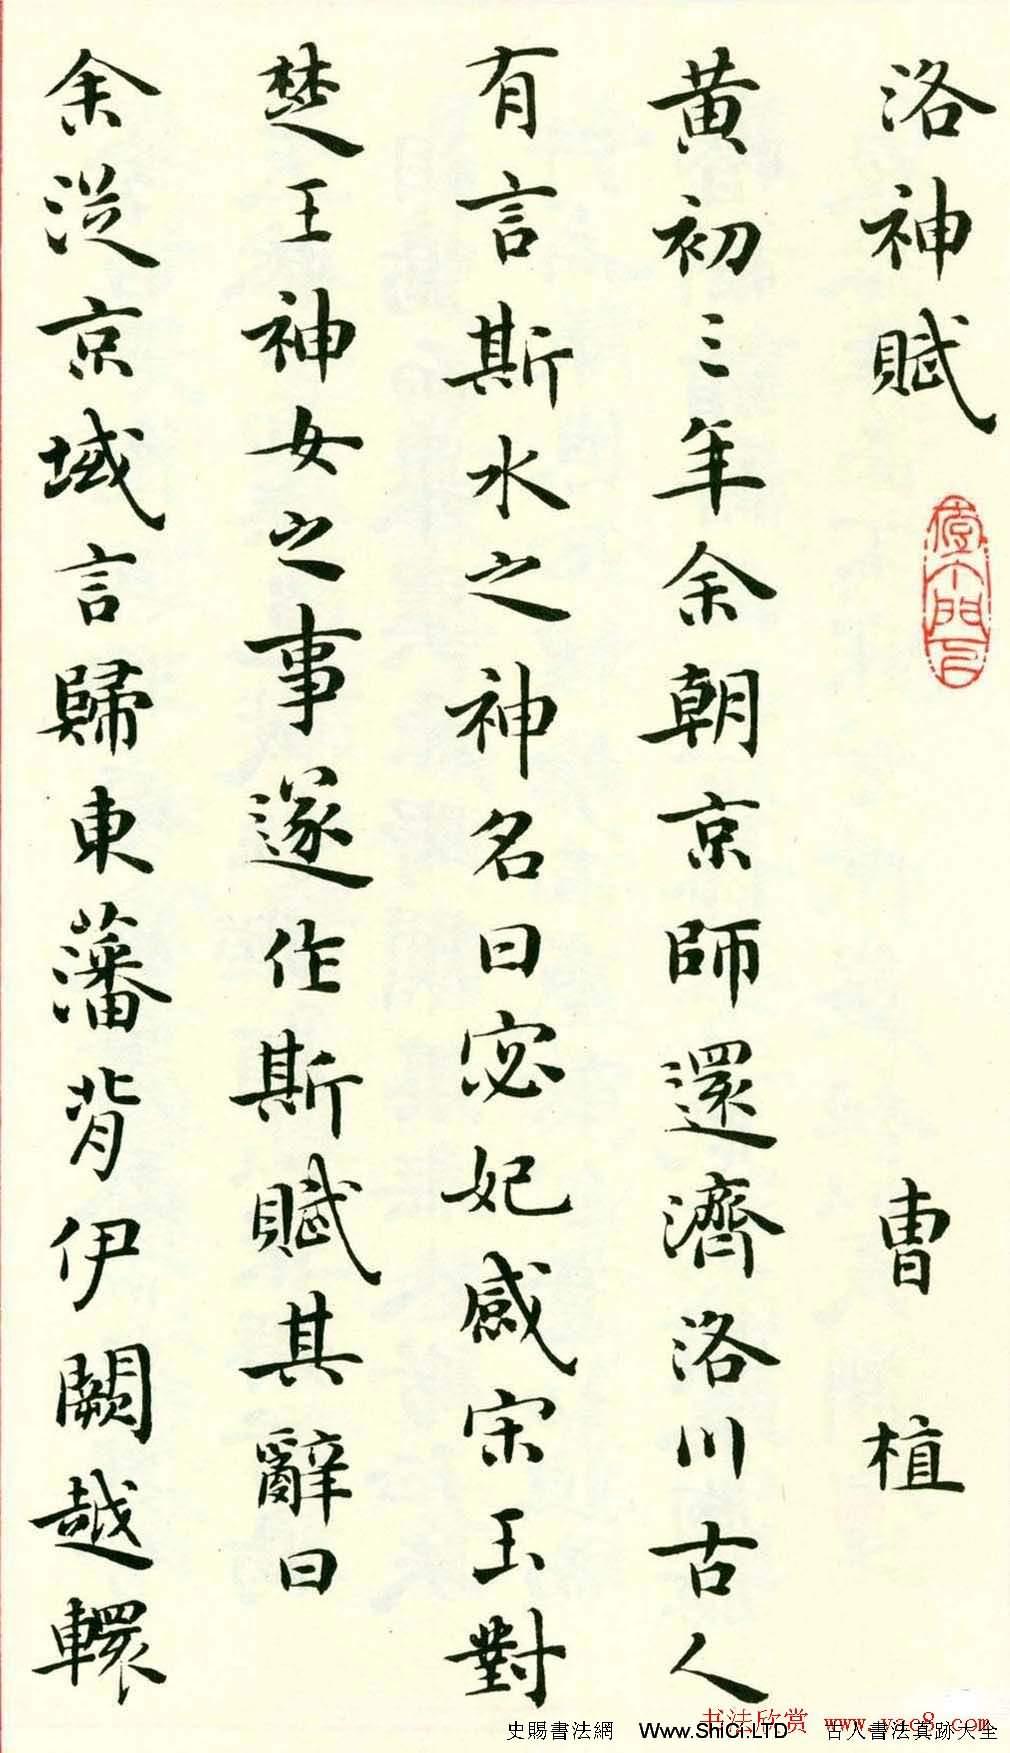 梁鼎光小楷書法真跡欣賞《洛神賦》(共13張圖片)